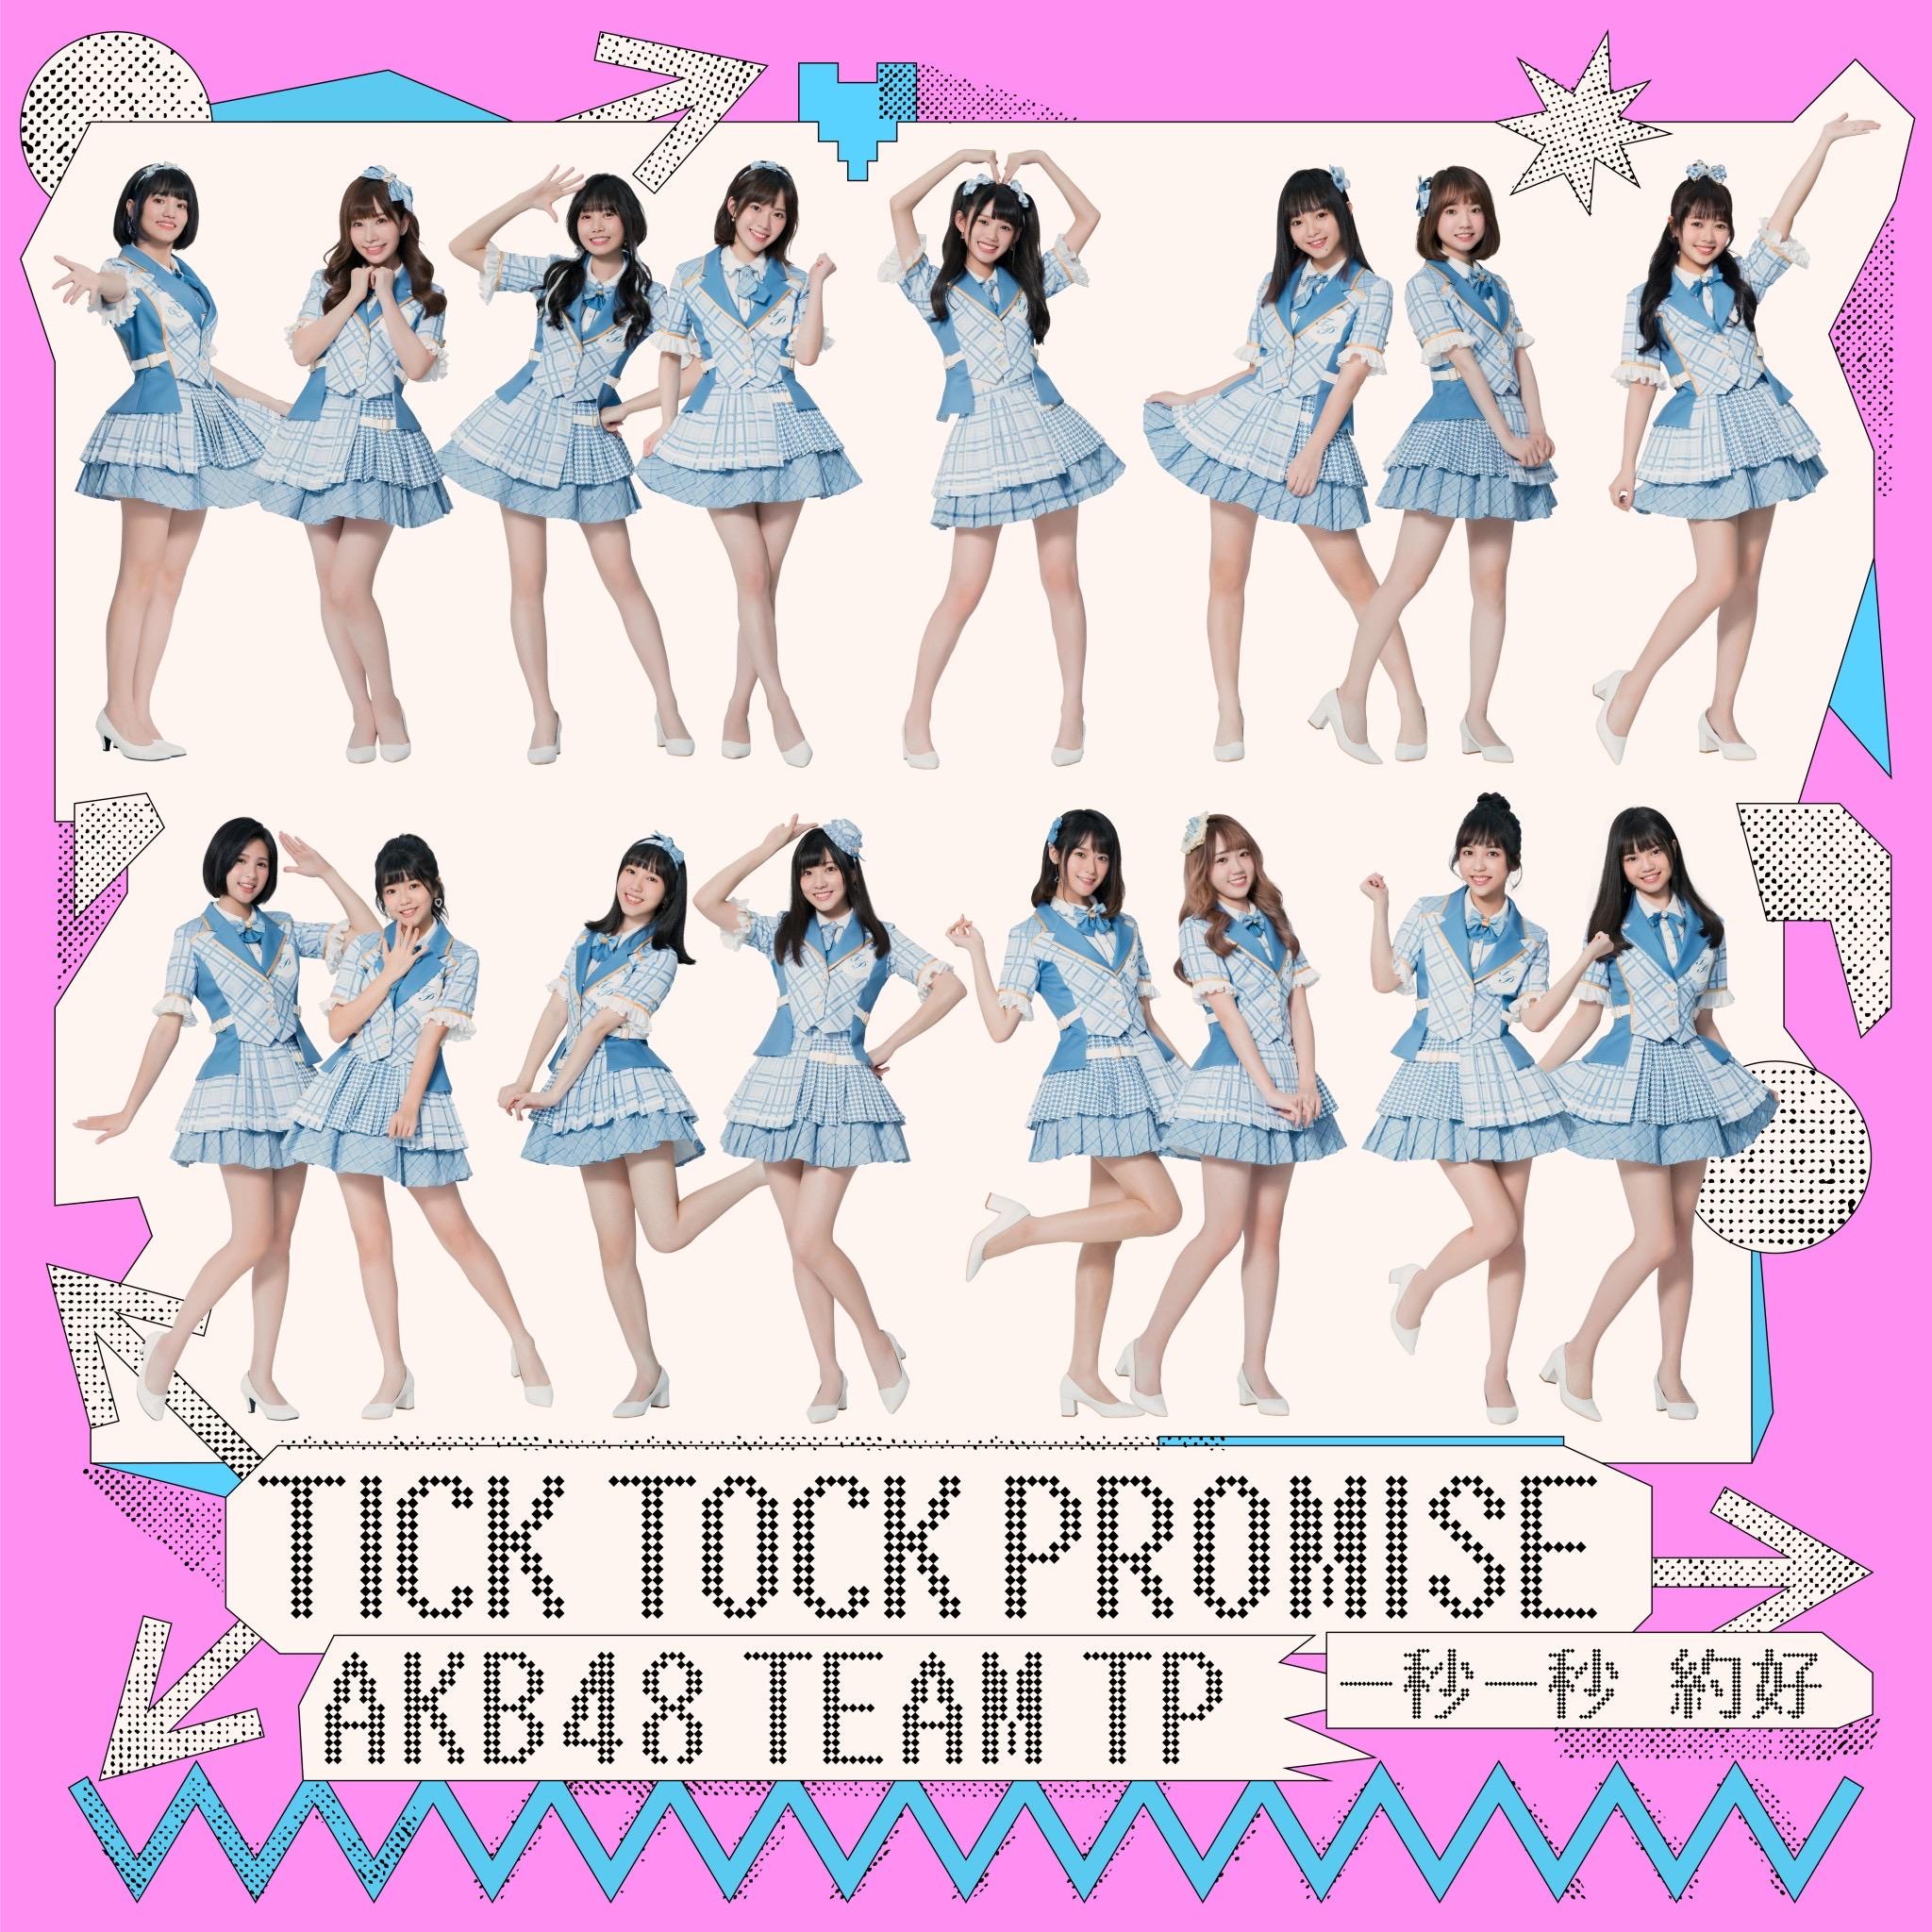 AKB48 Team TP首张原创单曲【一秒一秒约好】收录曲详细介绍大公开!-itotii